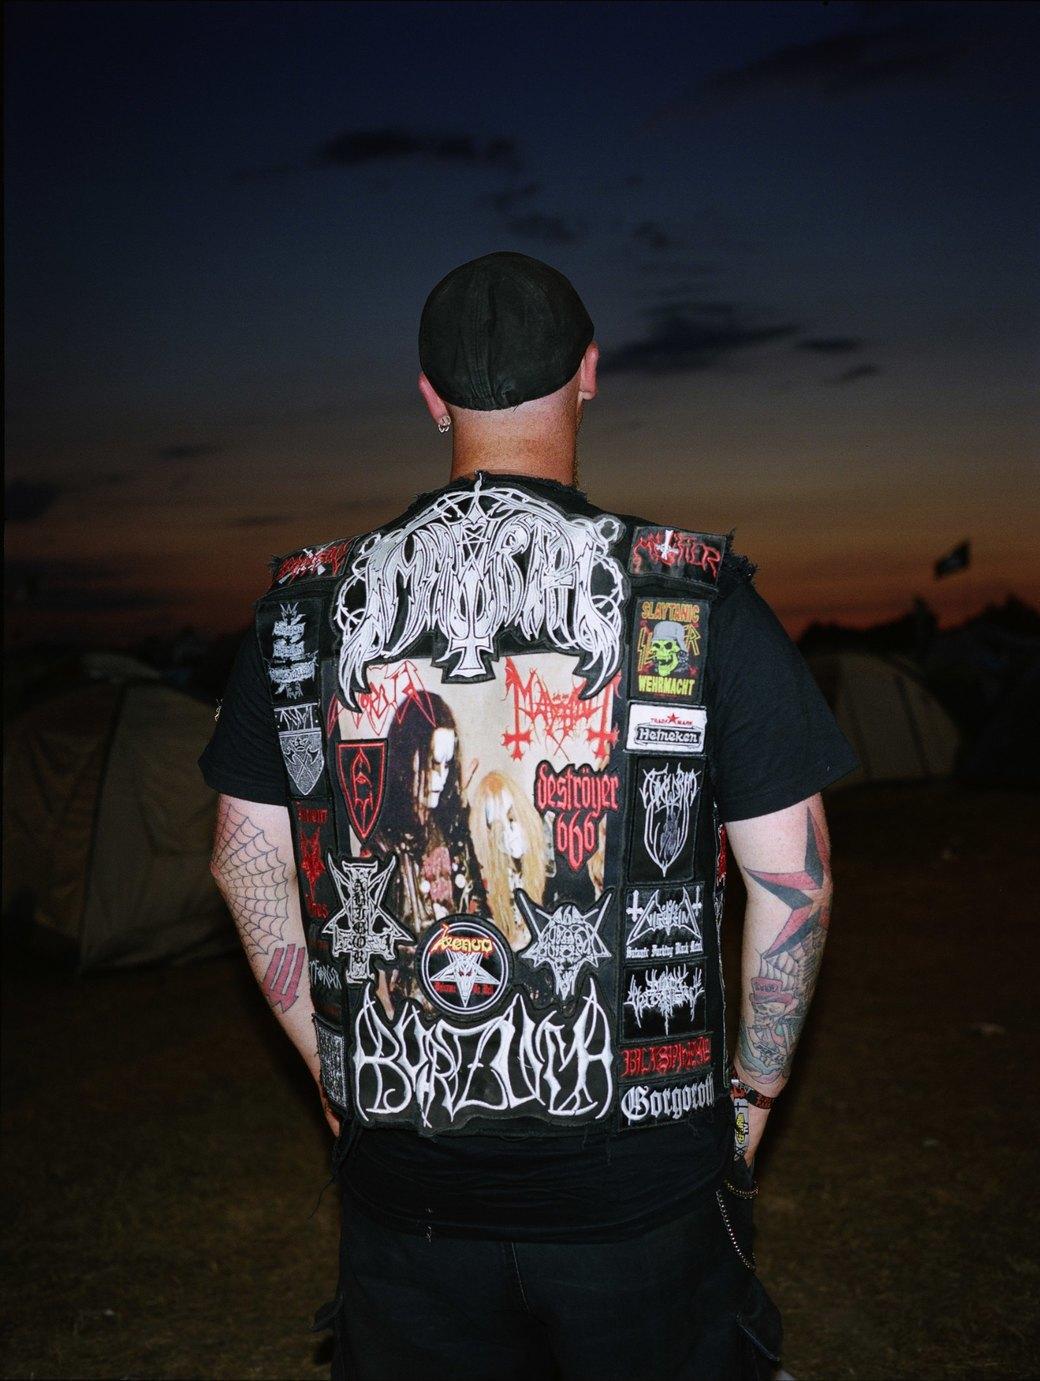 Цельнометаллическая оболочка: Путеводитель по курткам металлистов в формате фоторепортажа. Изображение № 36.